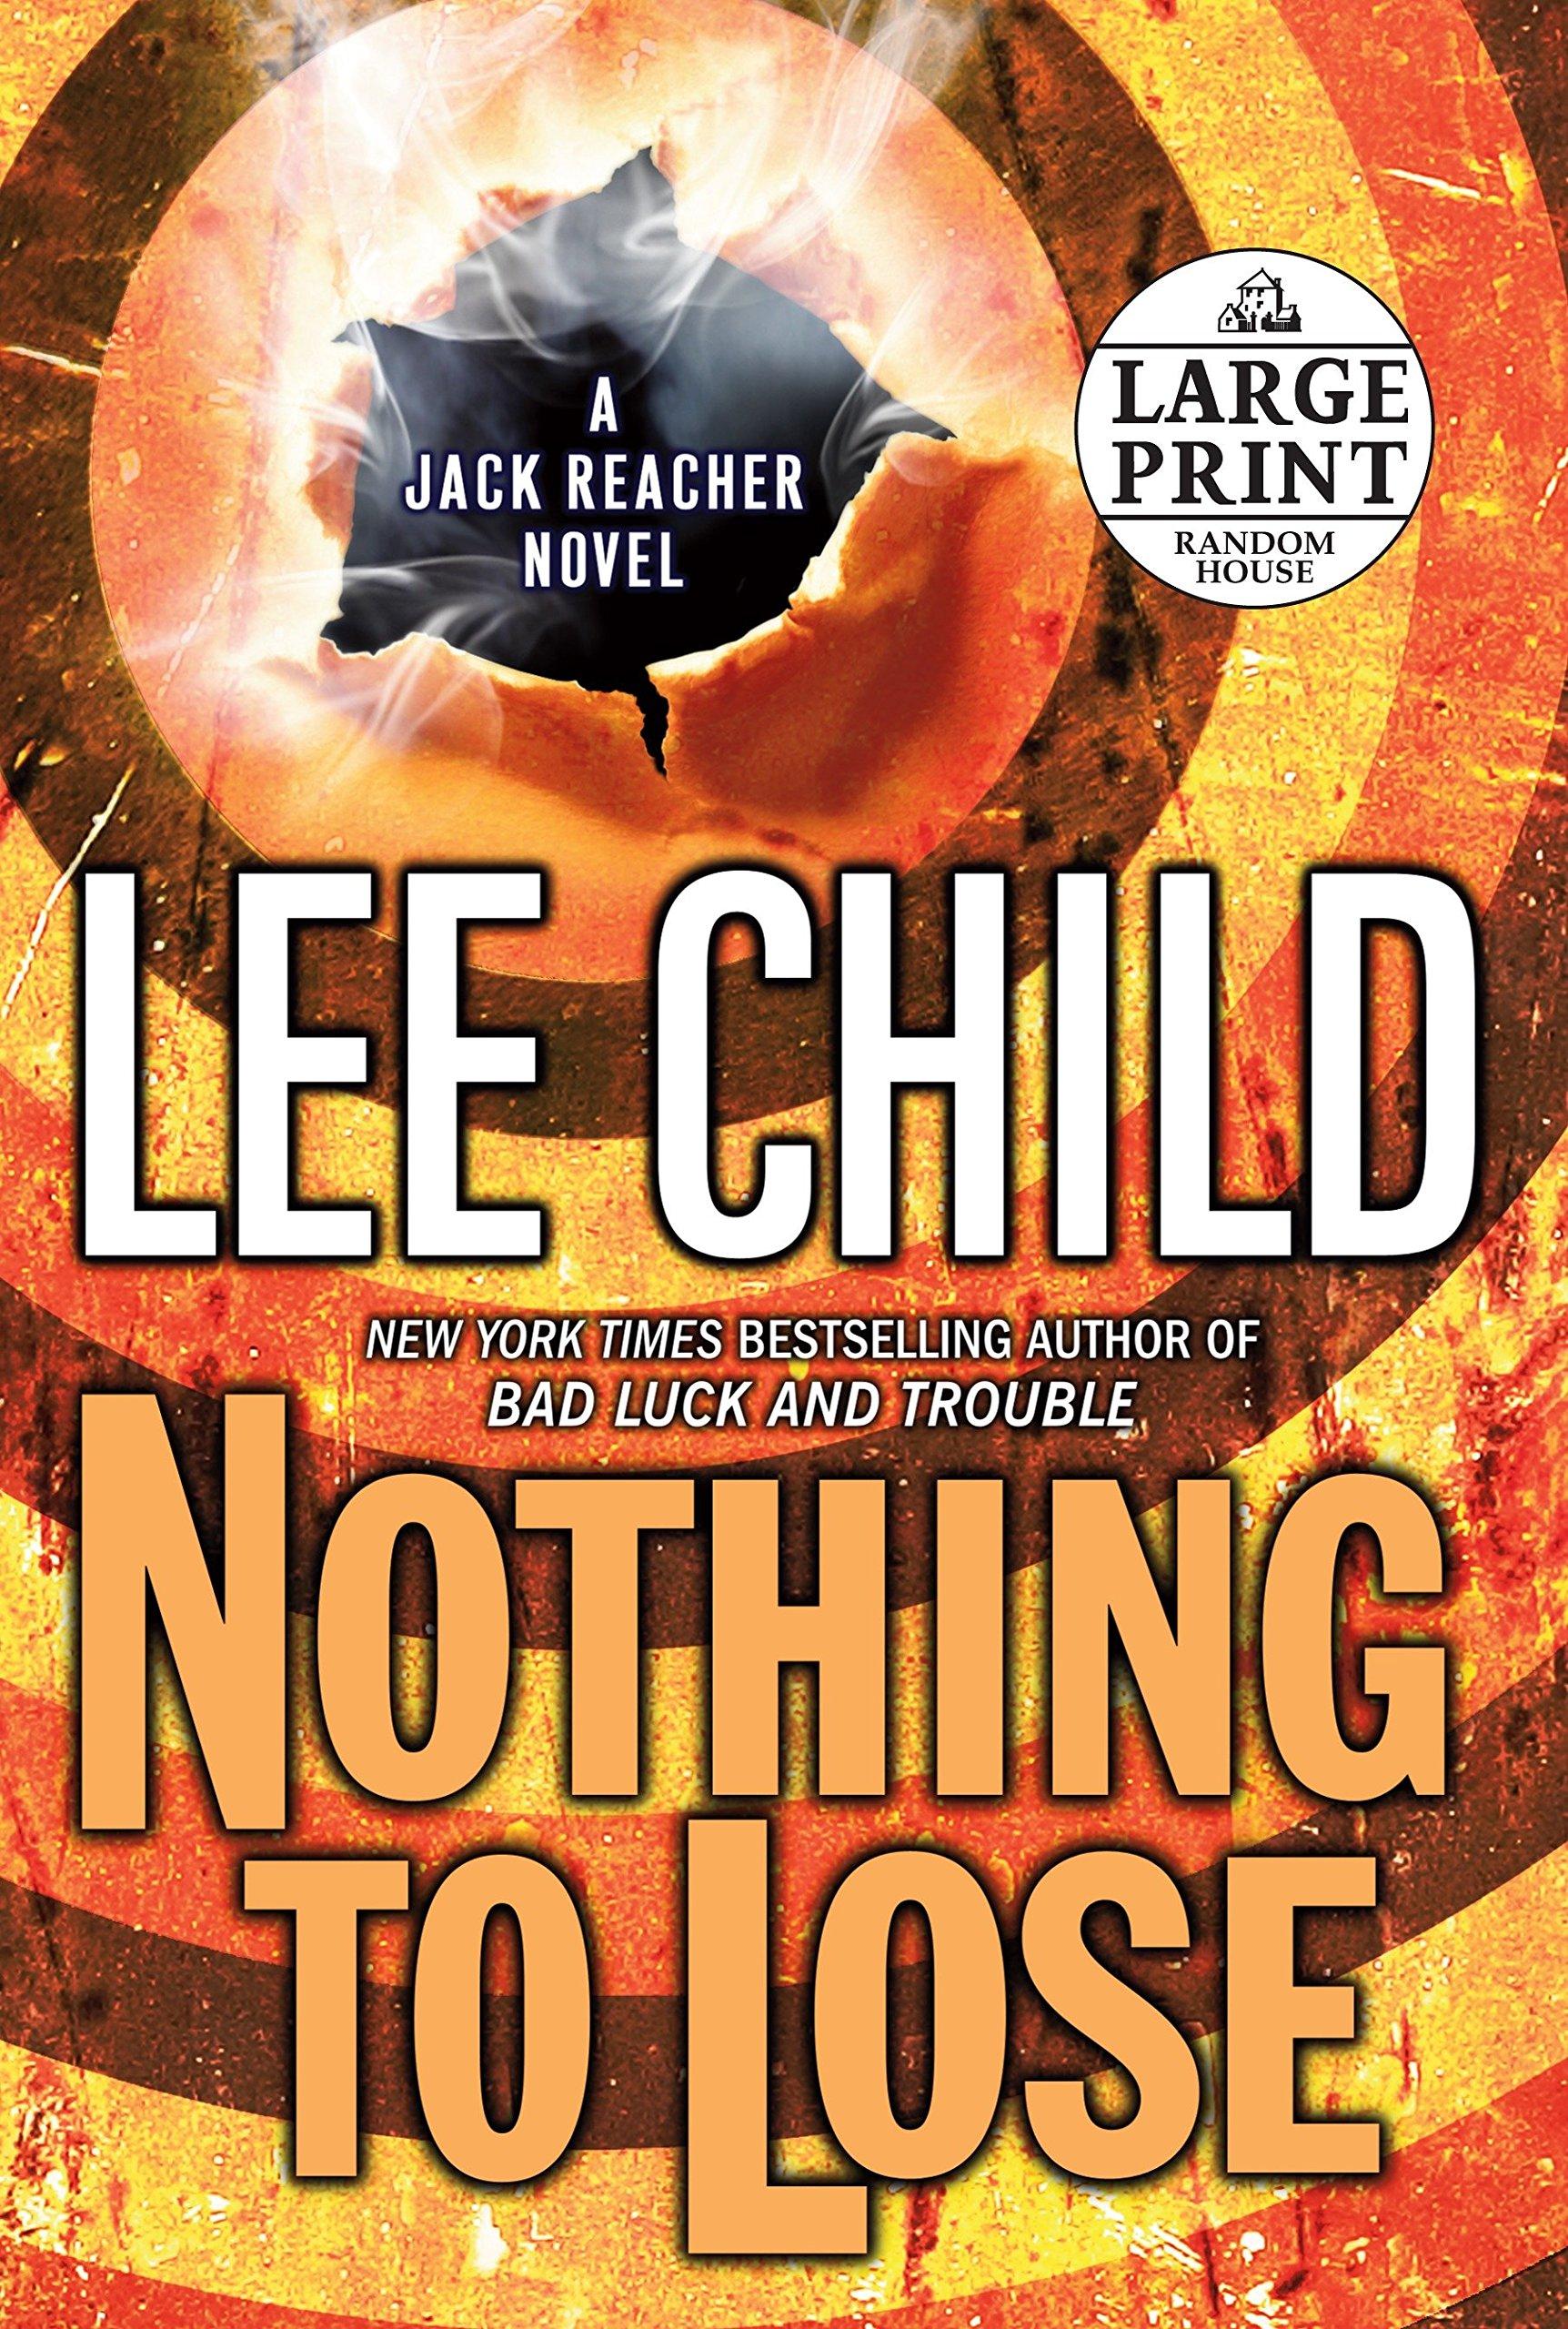 jack reacher books in chronological order